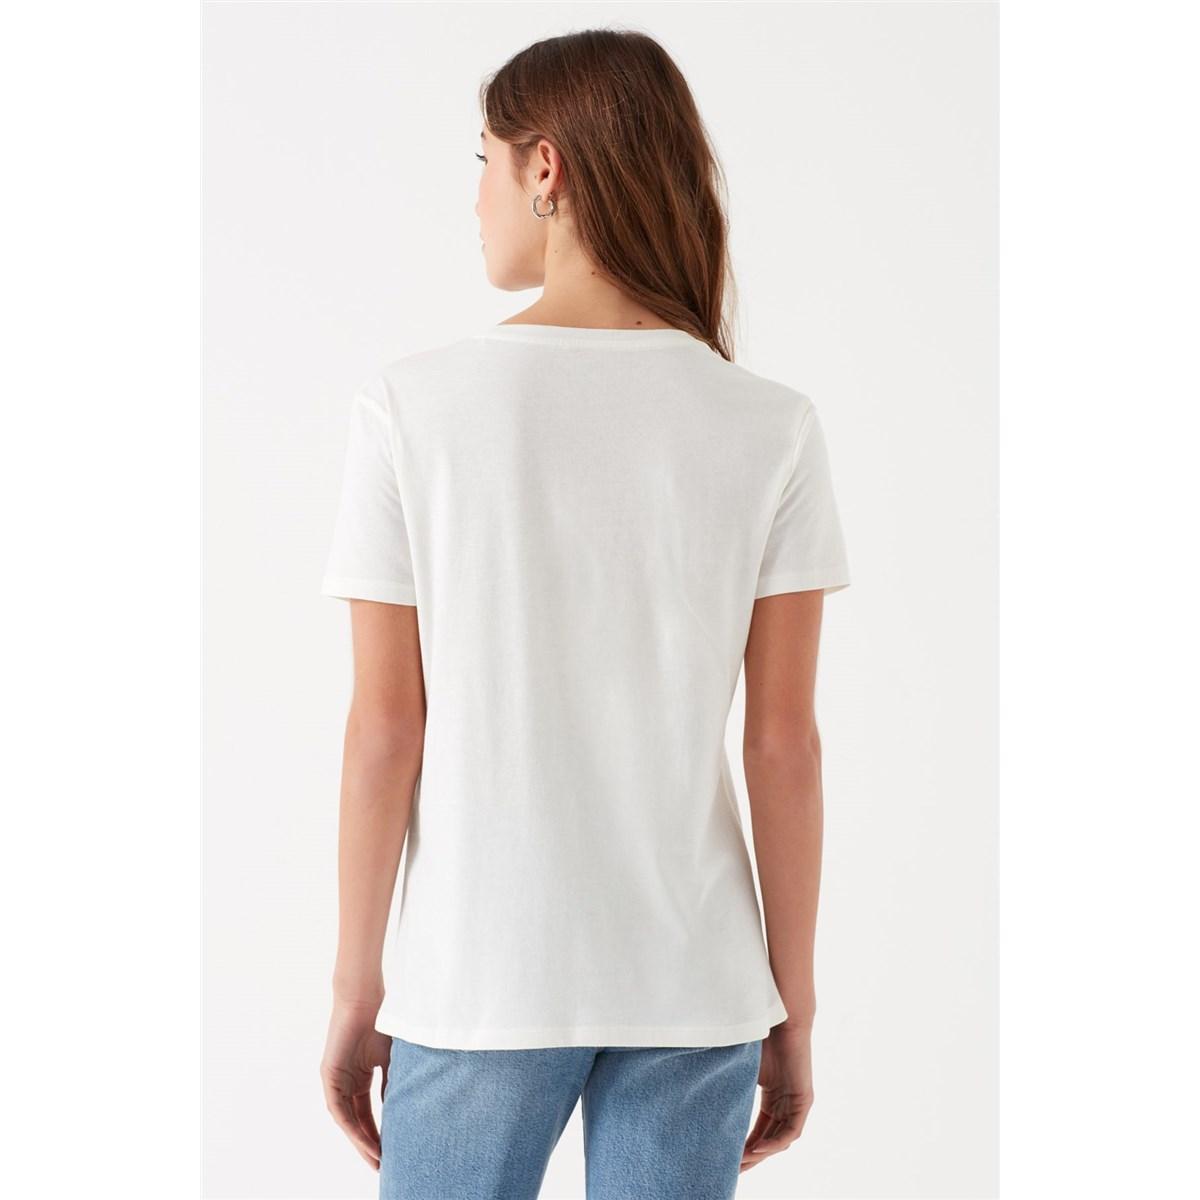 Mavi Jeans Baskılı Kadın Beyaz Tişört